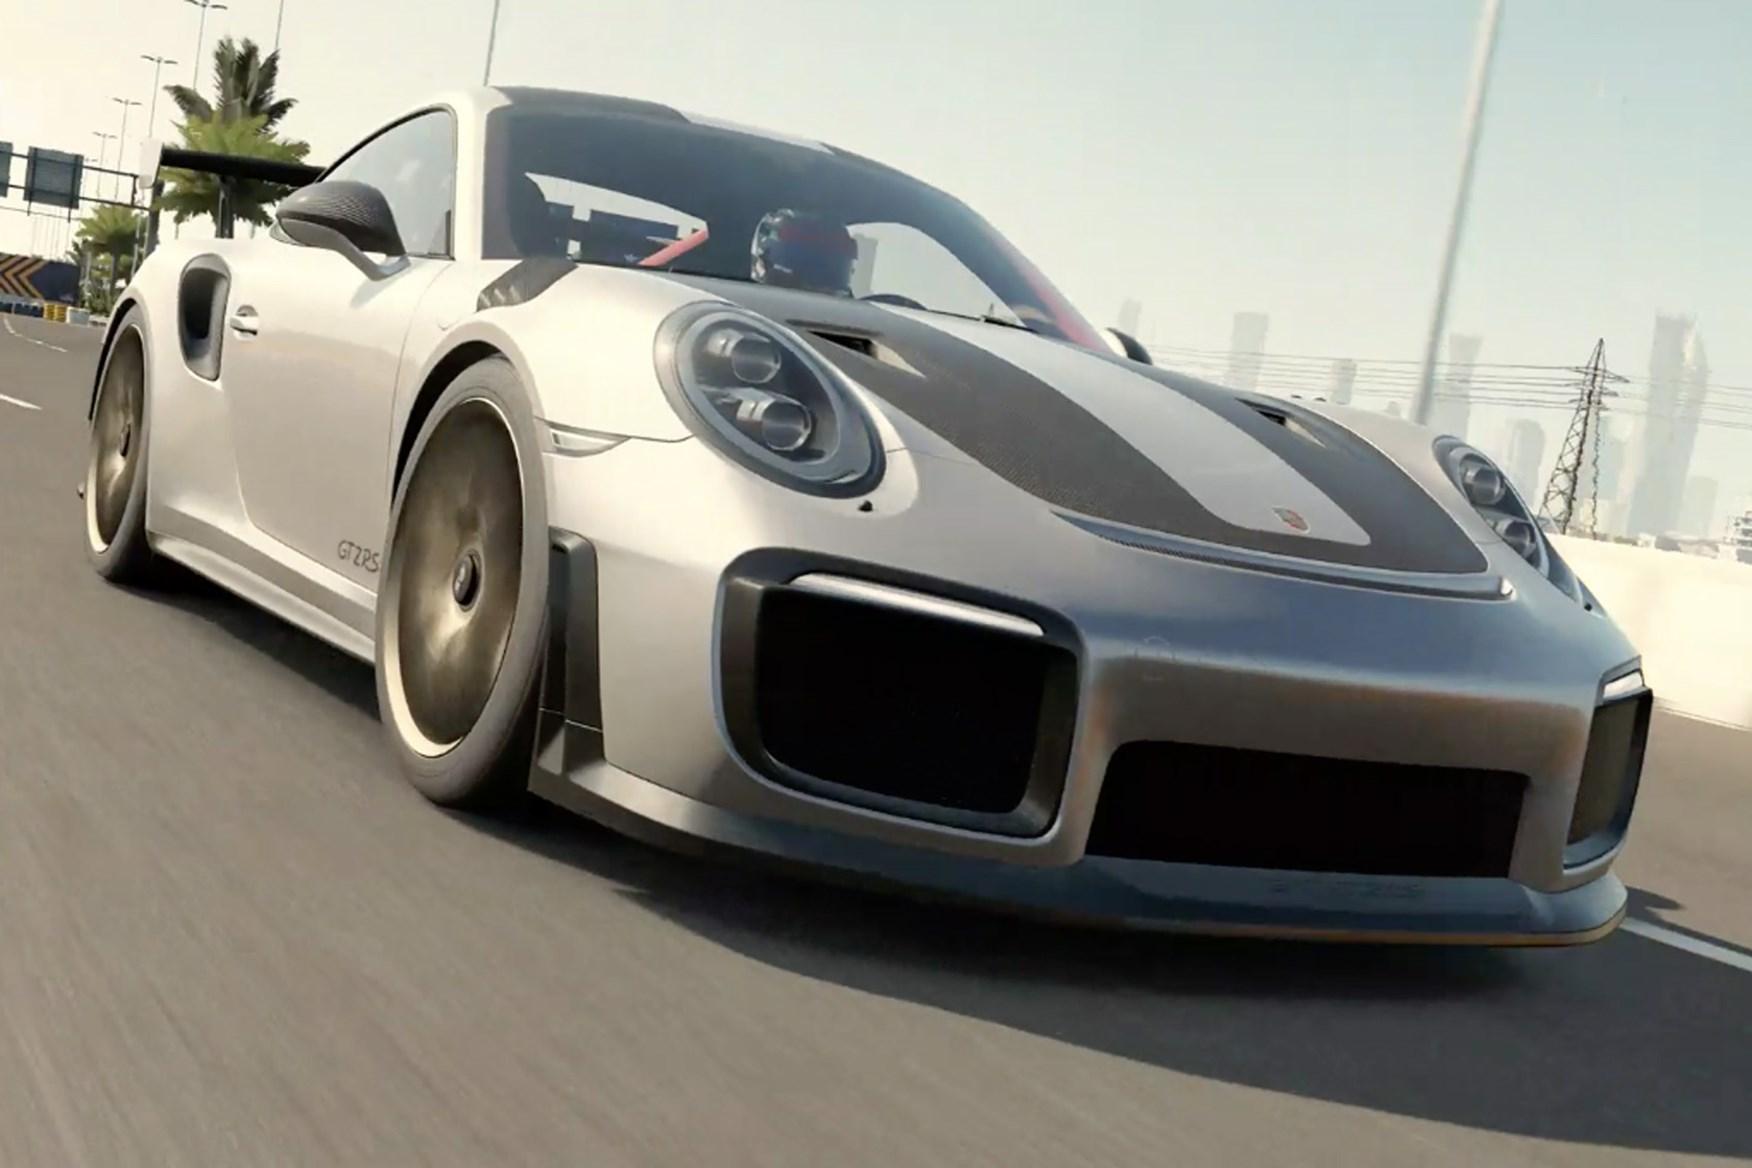 porsche_911_gt2rs_94 Astounding Porsche 911 Gt2 Car and Driver Cars Trend